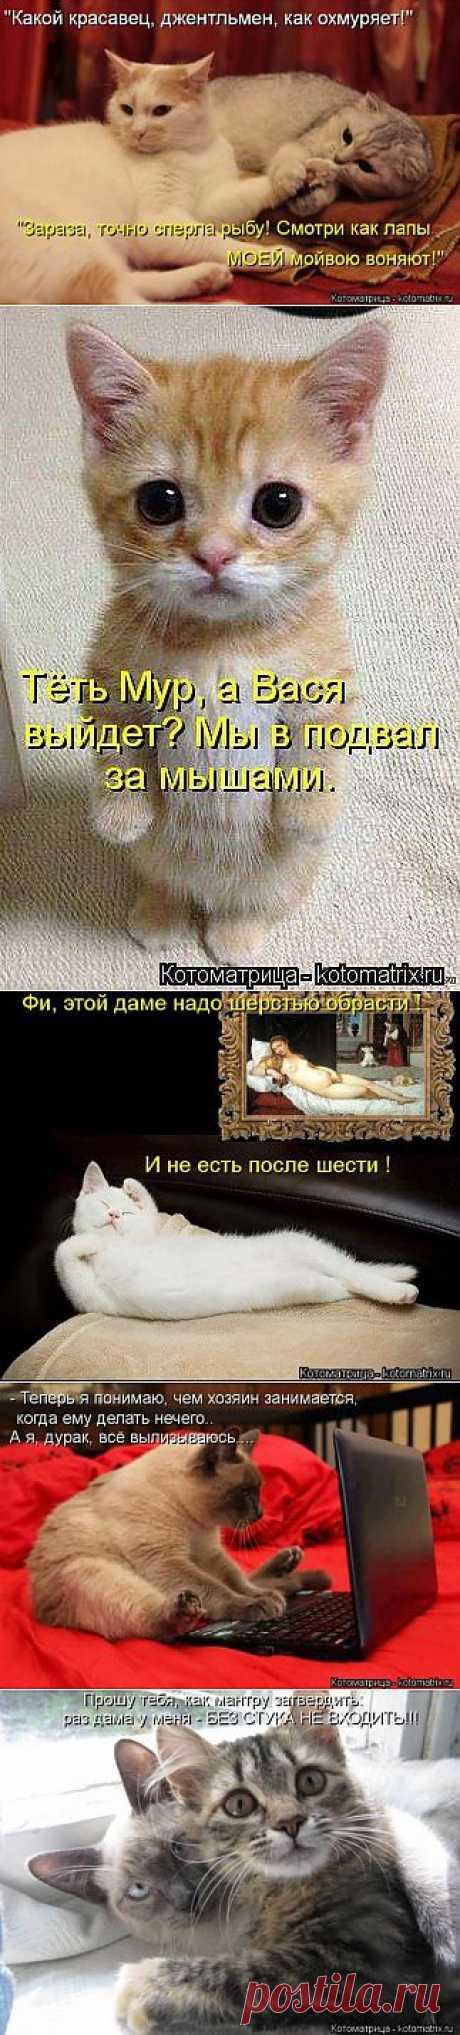 (+1) тема - Самые прикольные котоматрицы | Четвероногий юмор